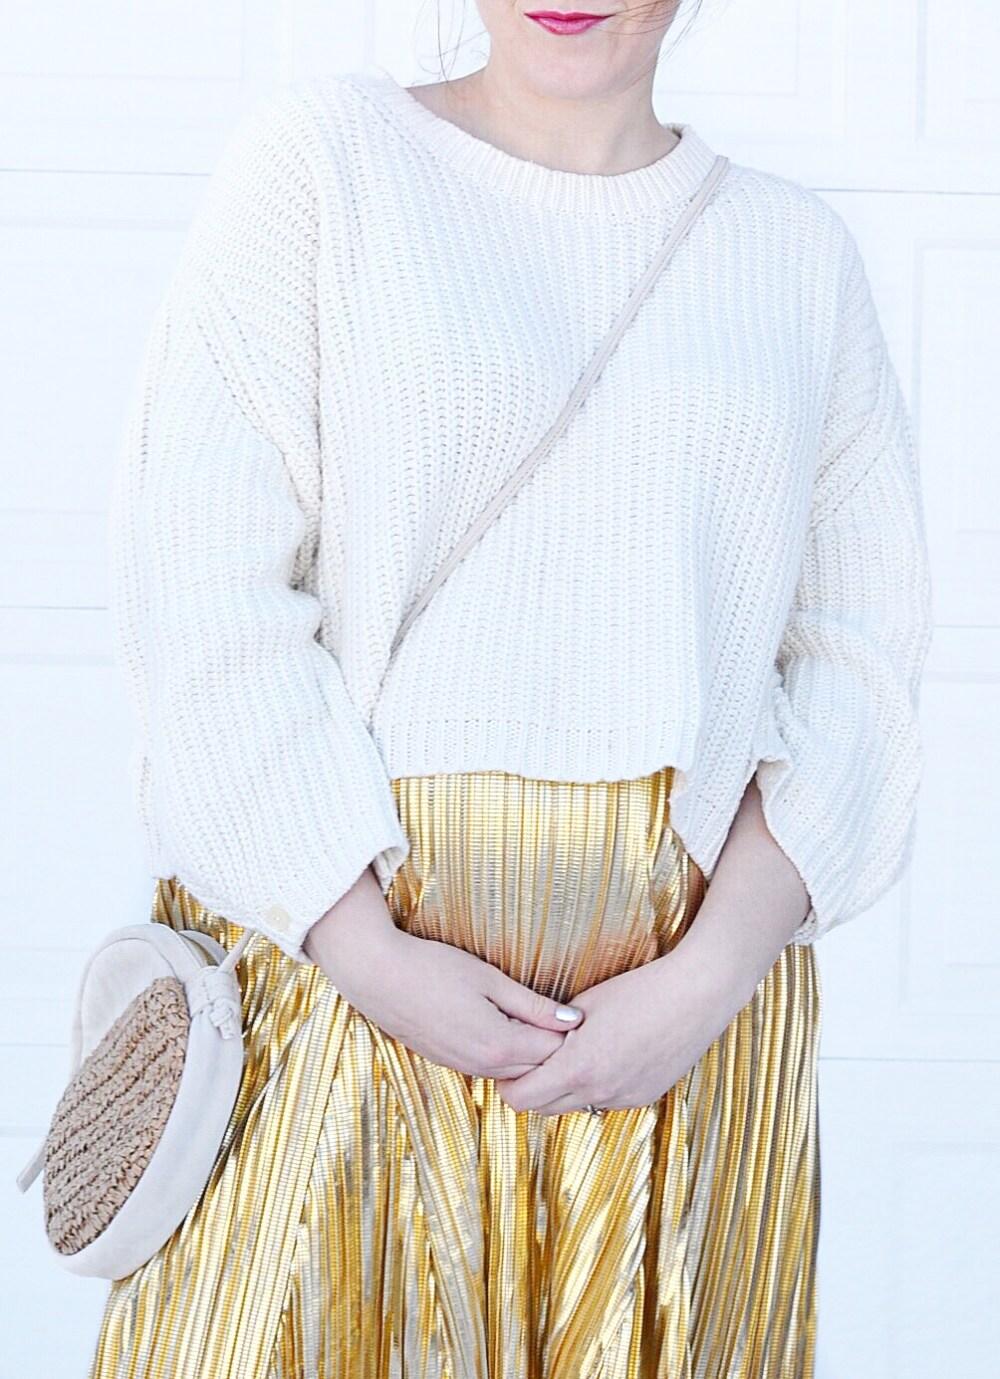 Gold Skirt Pregnant gender reveal blog announcement